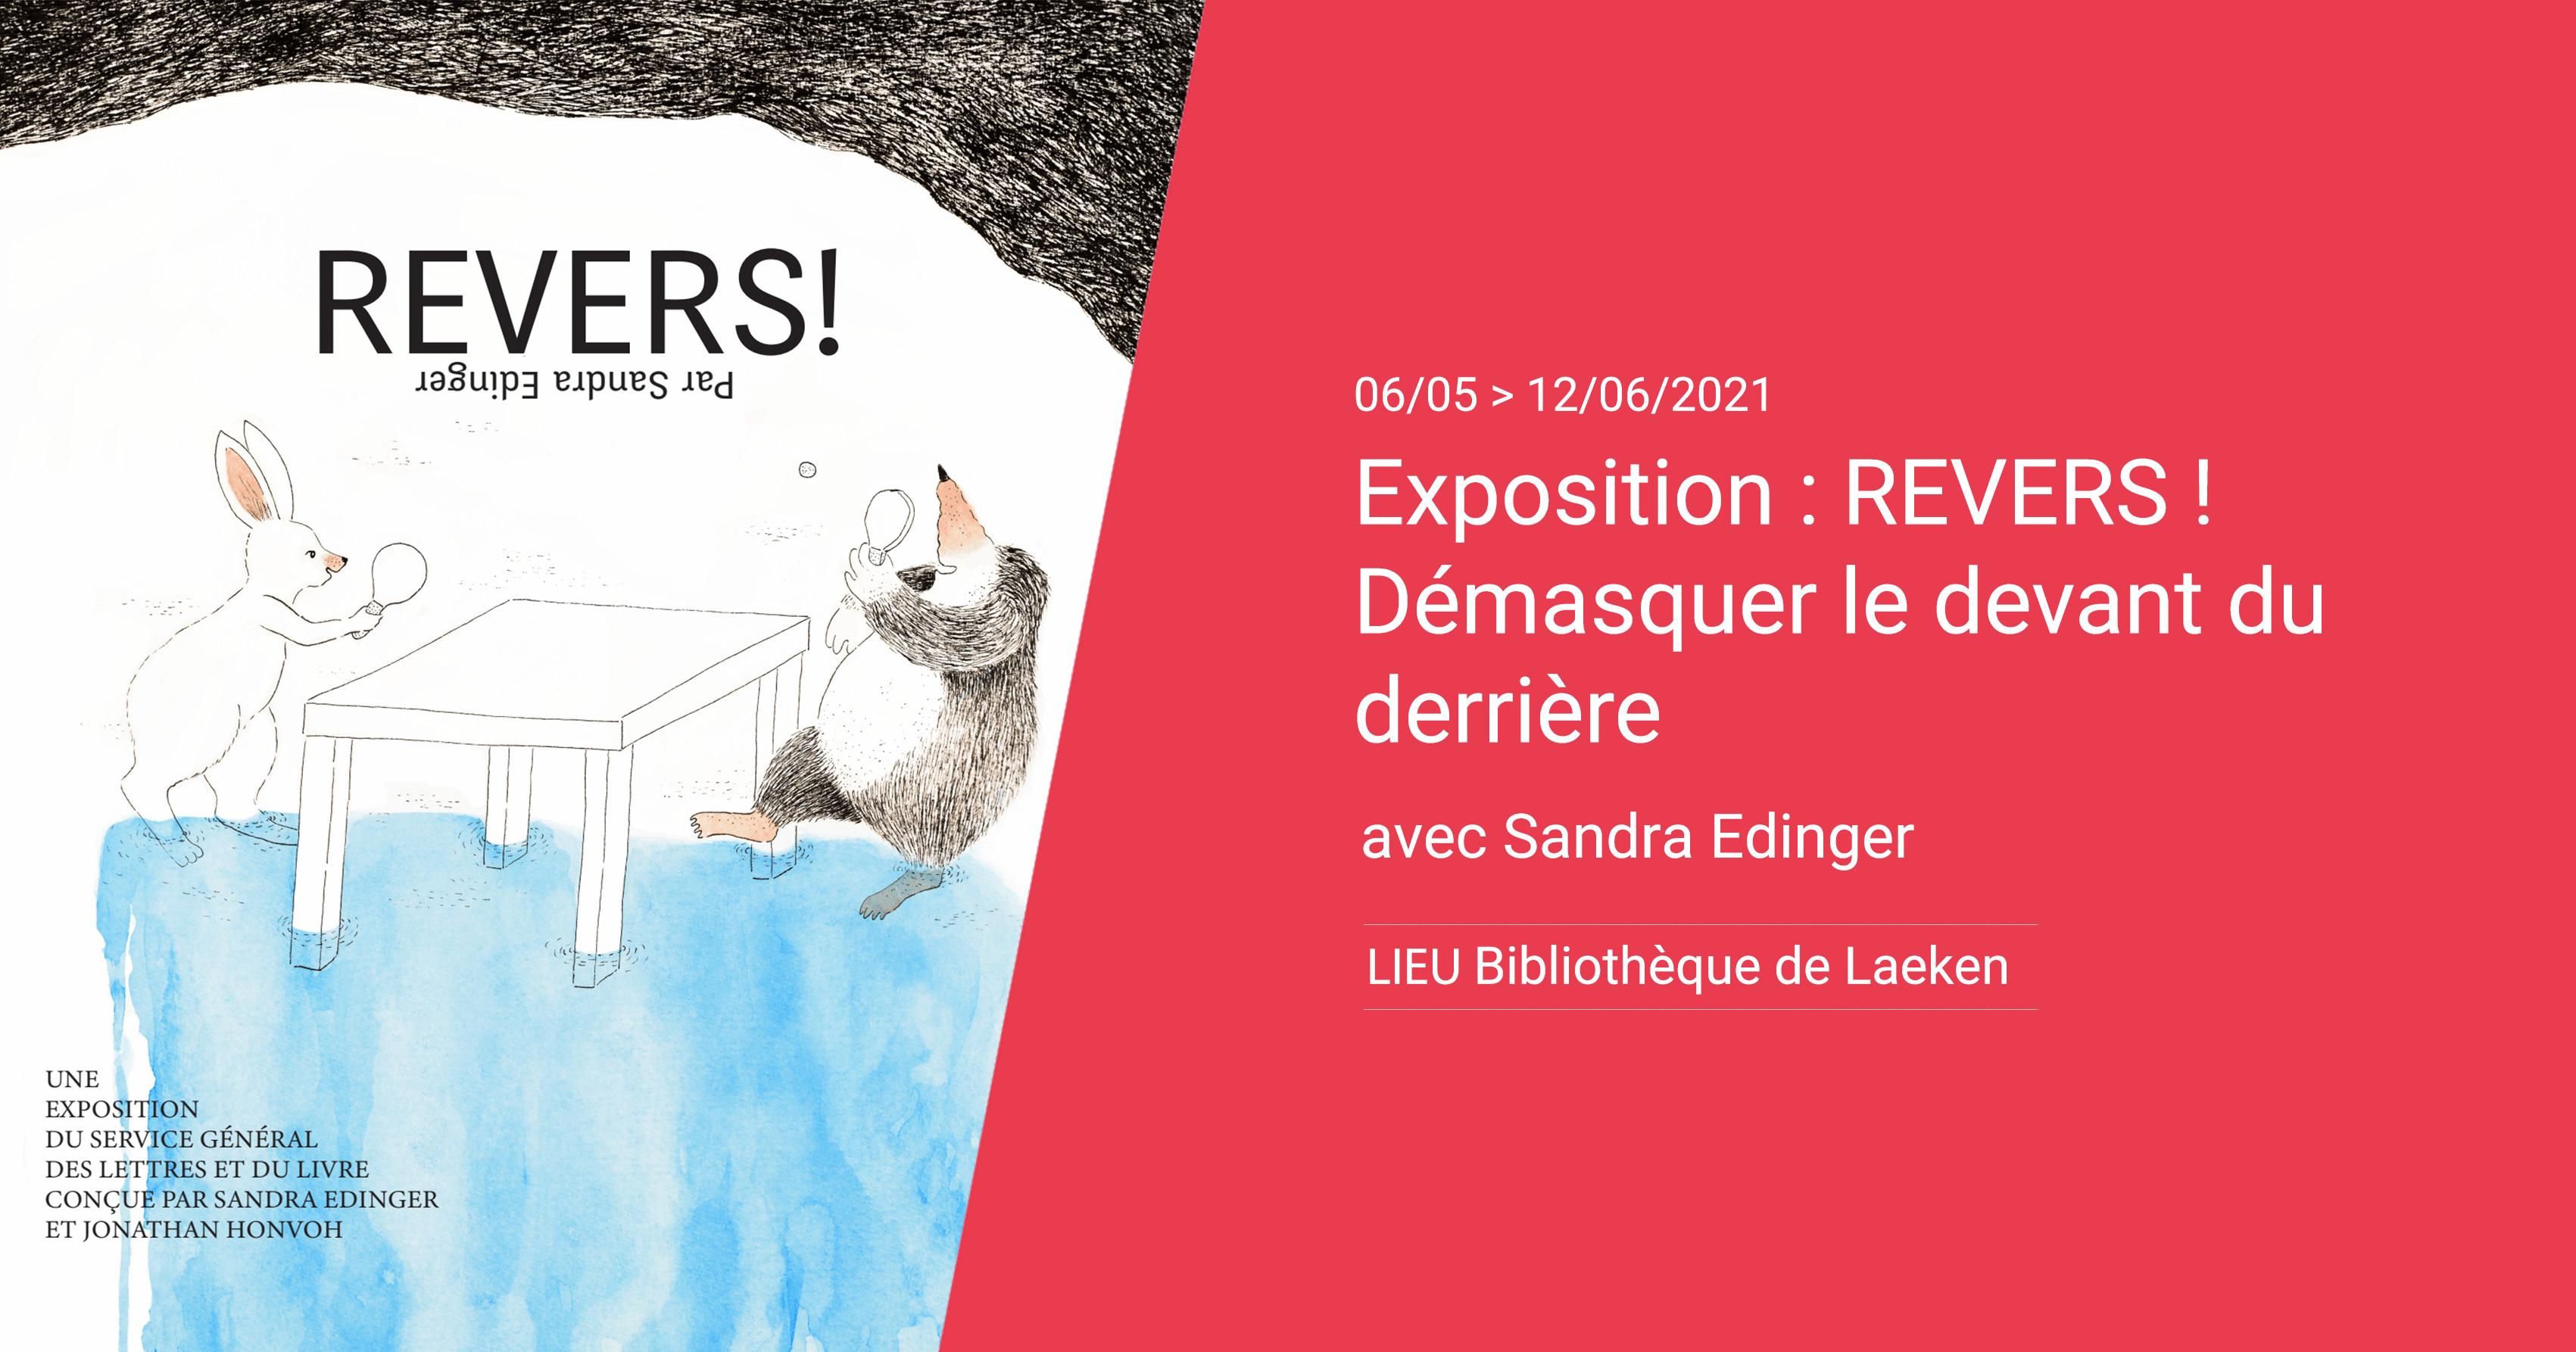 Exposition : REVERS ! – Démasquer le devant du derrière avec Sandra Edinger